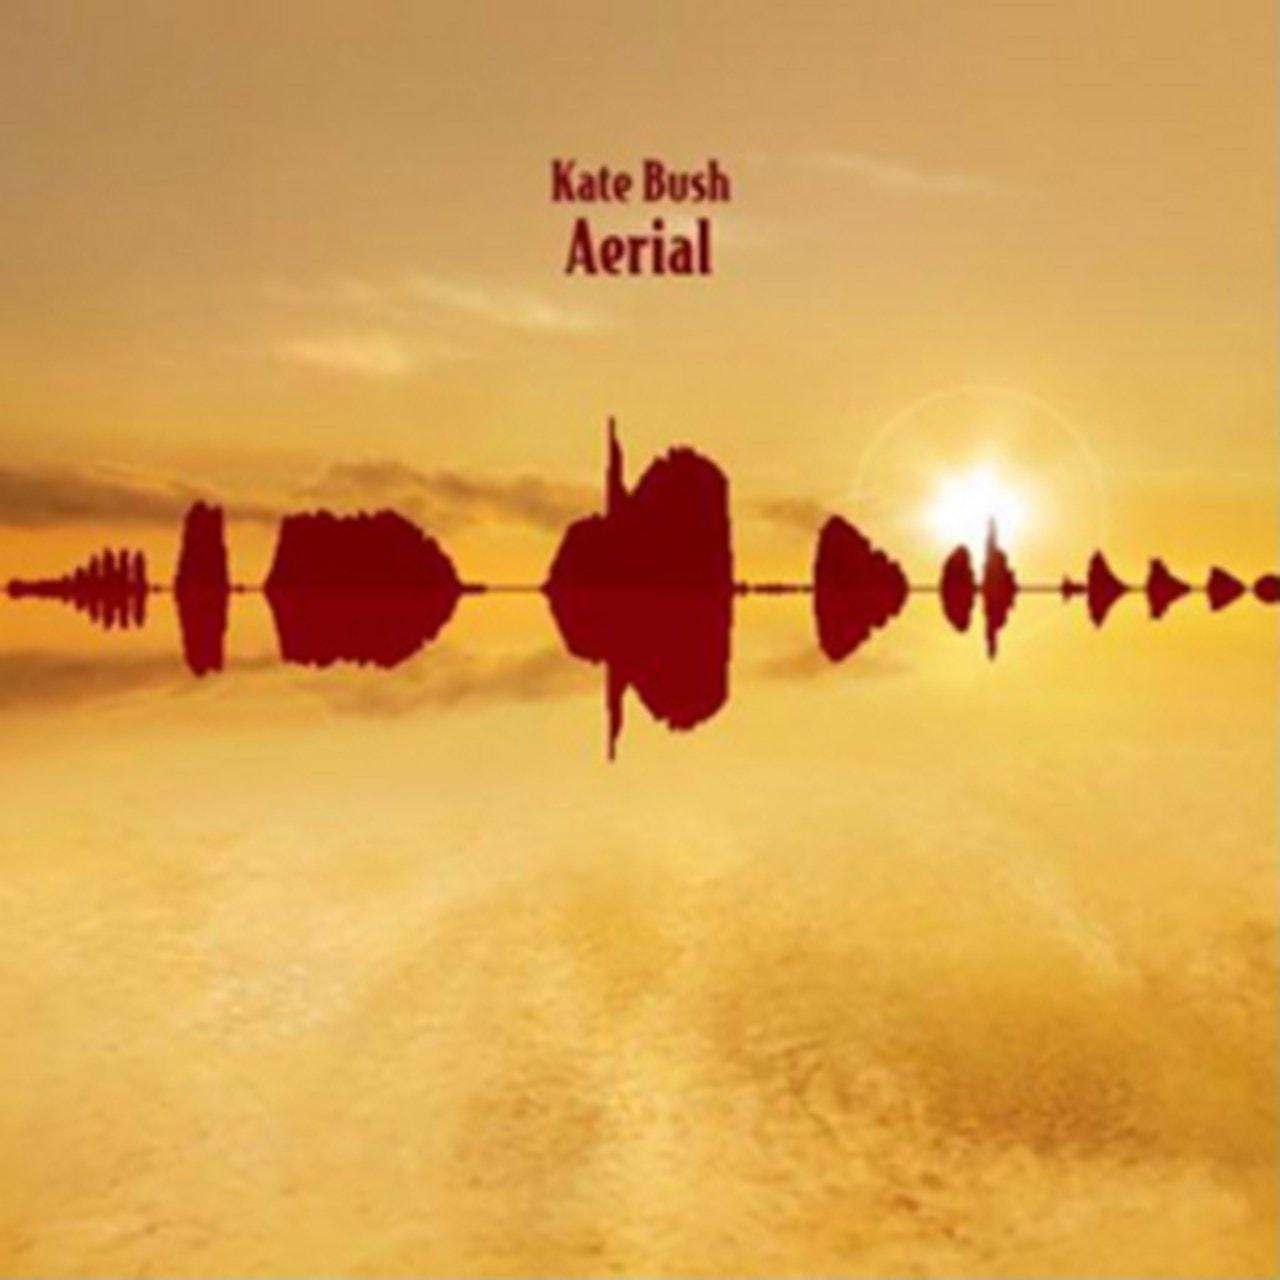 Aerial - 1